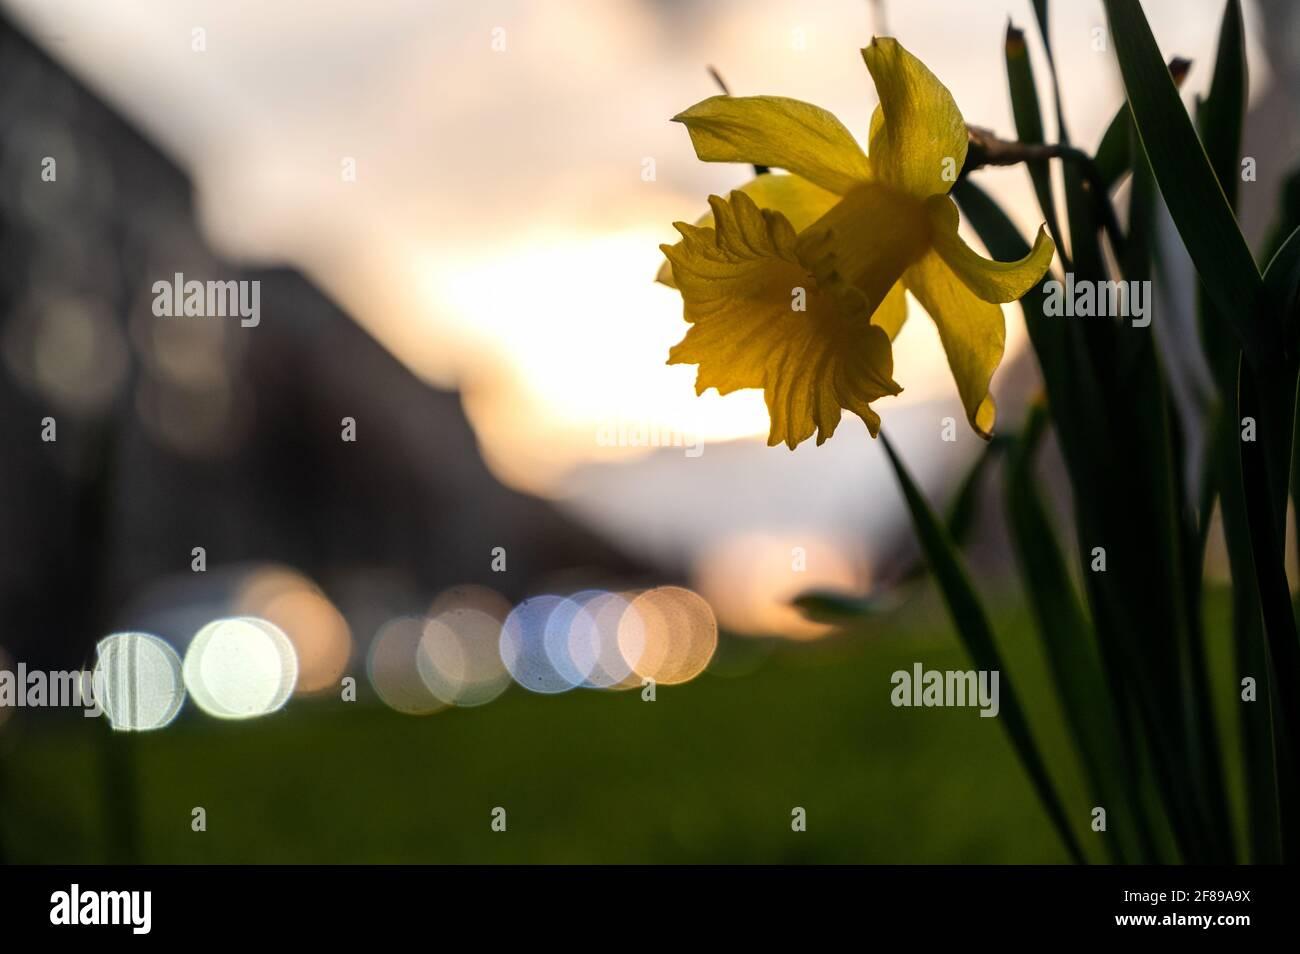 Berlin, Deutschland. April 2021. In der Frankfurter Allee blüht bei Sonnenuntergang eine Narzissenblüte. Quelle: Christophe Gateau/dpa/Alamy Live News Stockfoto